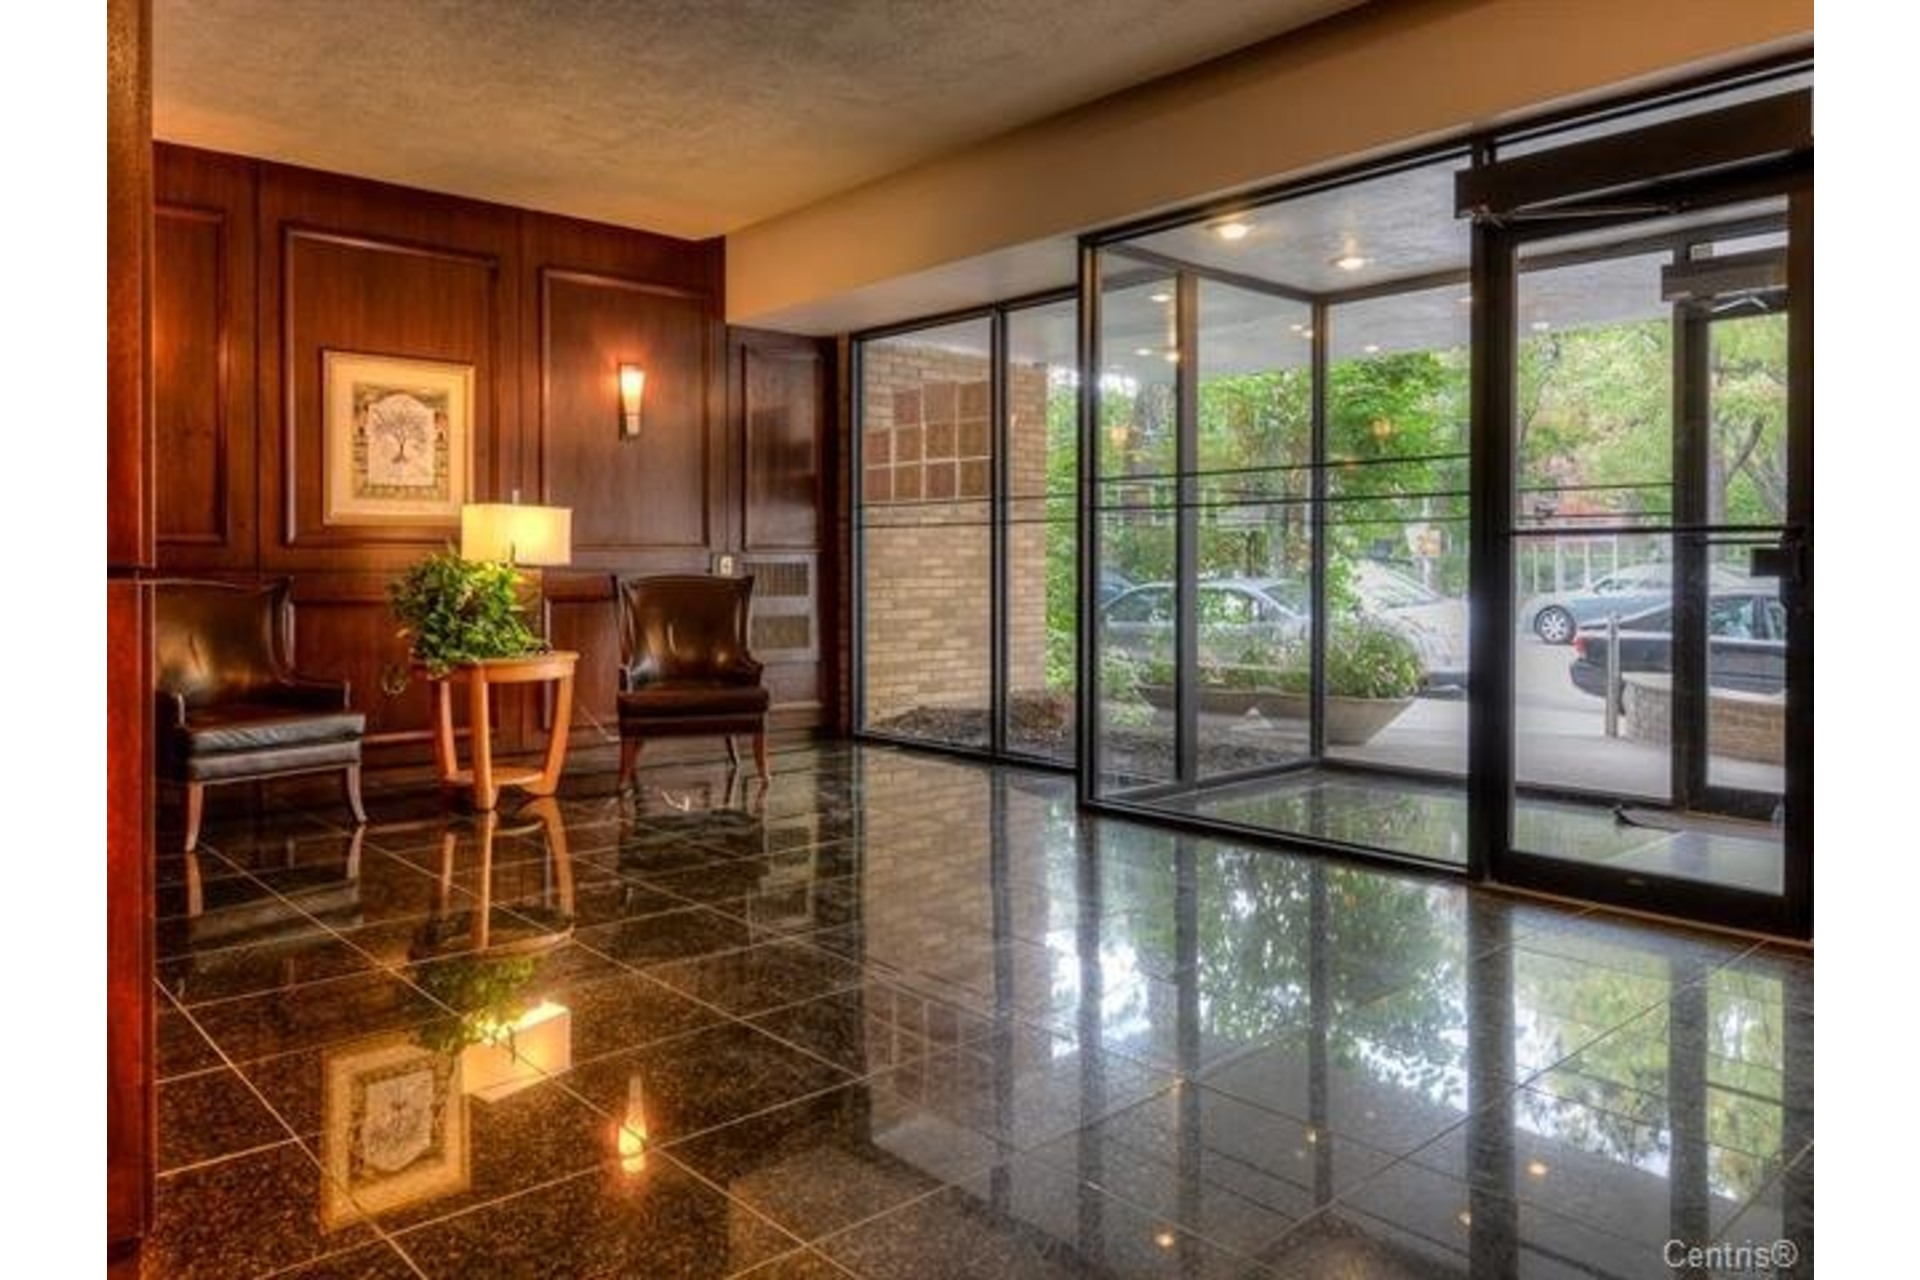 image 3 - Appartement À louer Westmount - 6 pièces